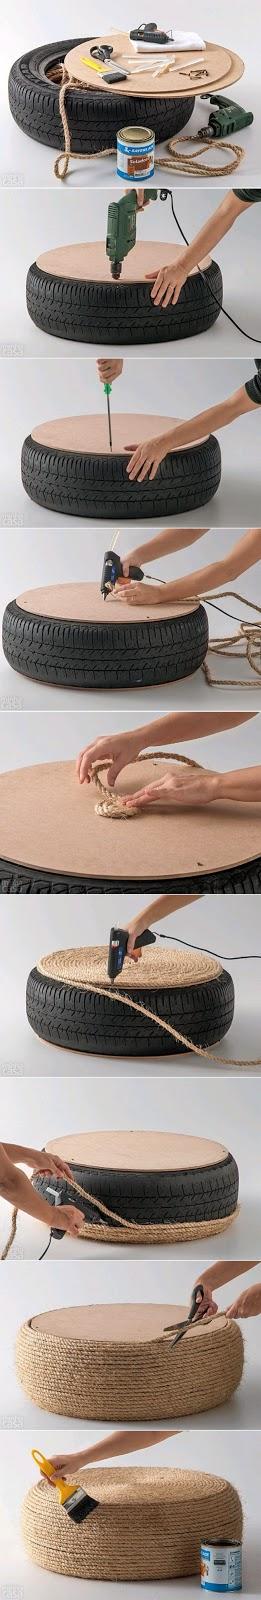 arte com pneus